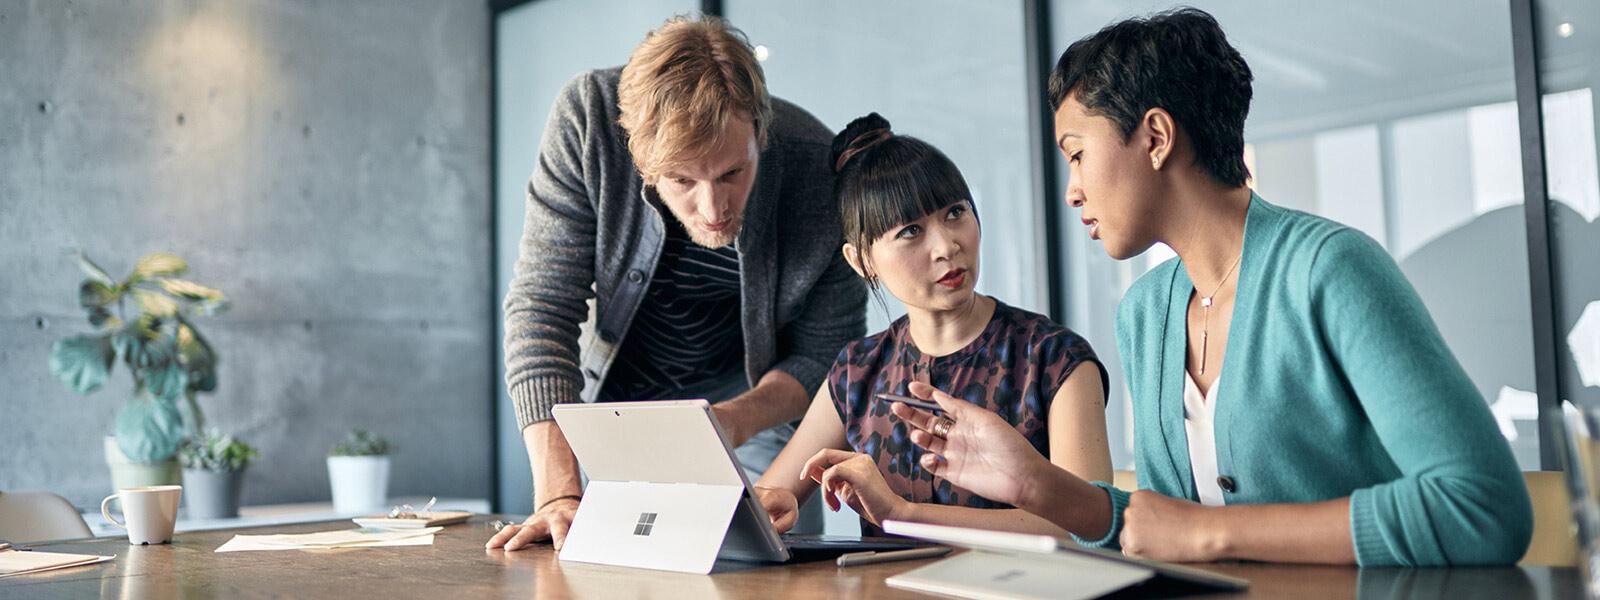 ثلاثة أشخاص في غرفة اجتماعات ينظرون إلى Surface Pro 4.